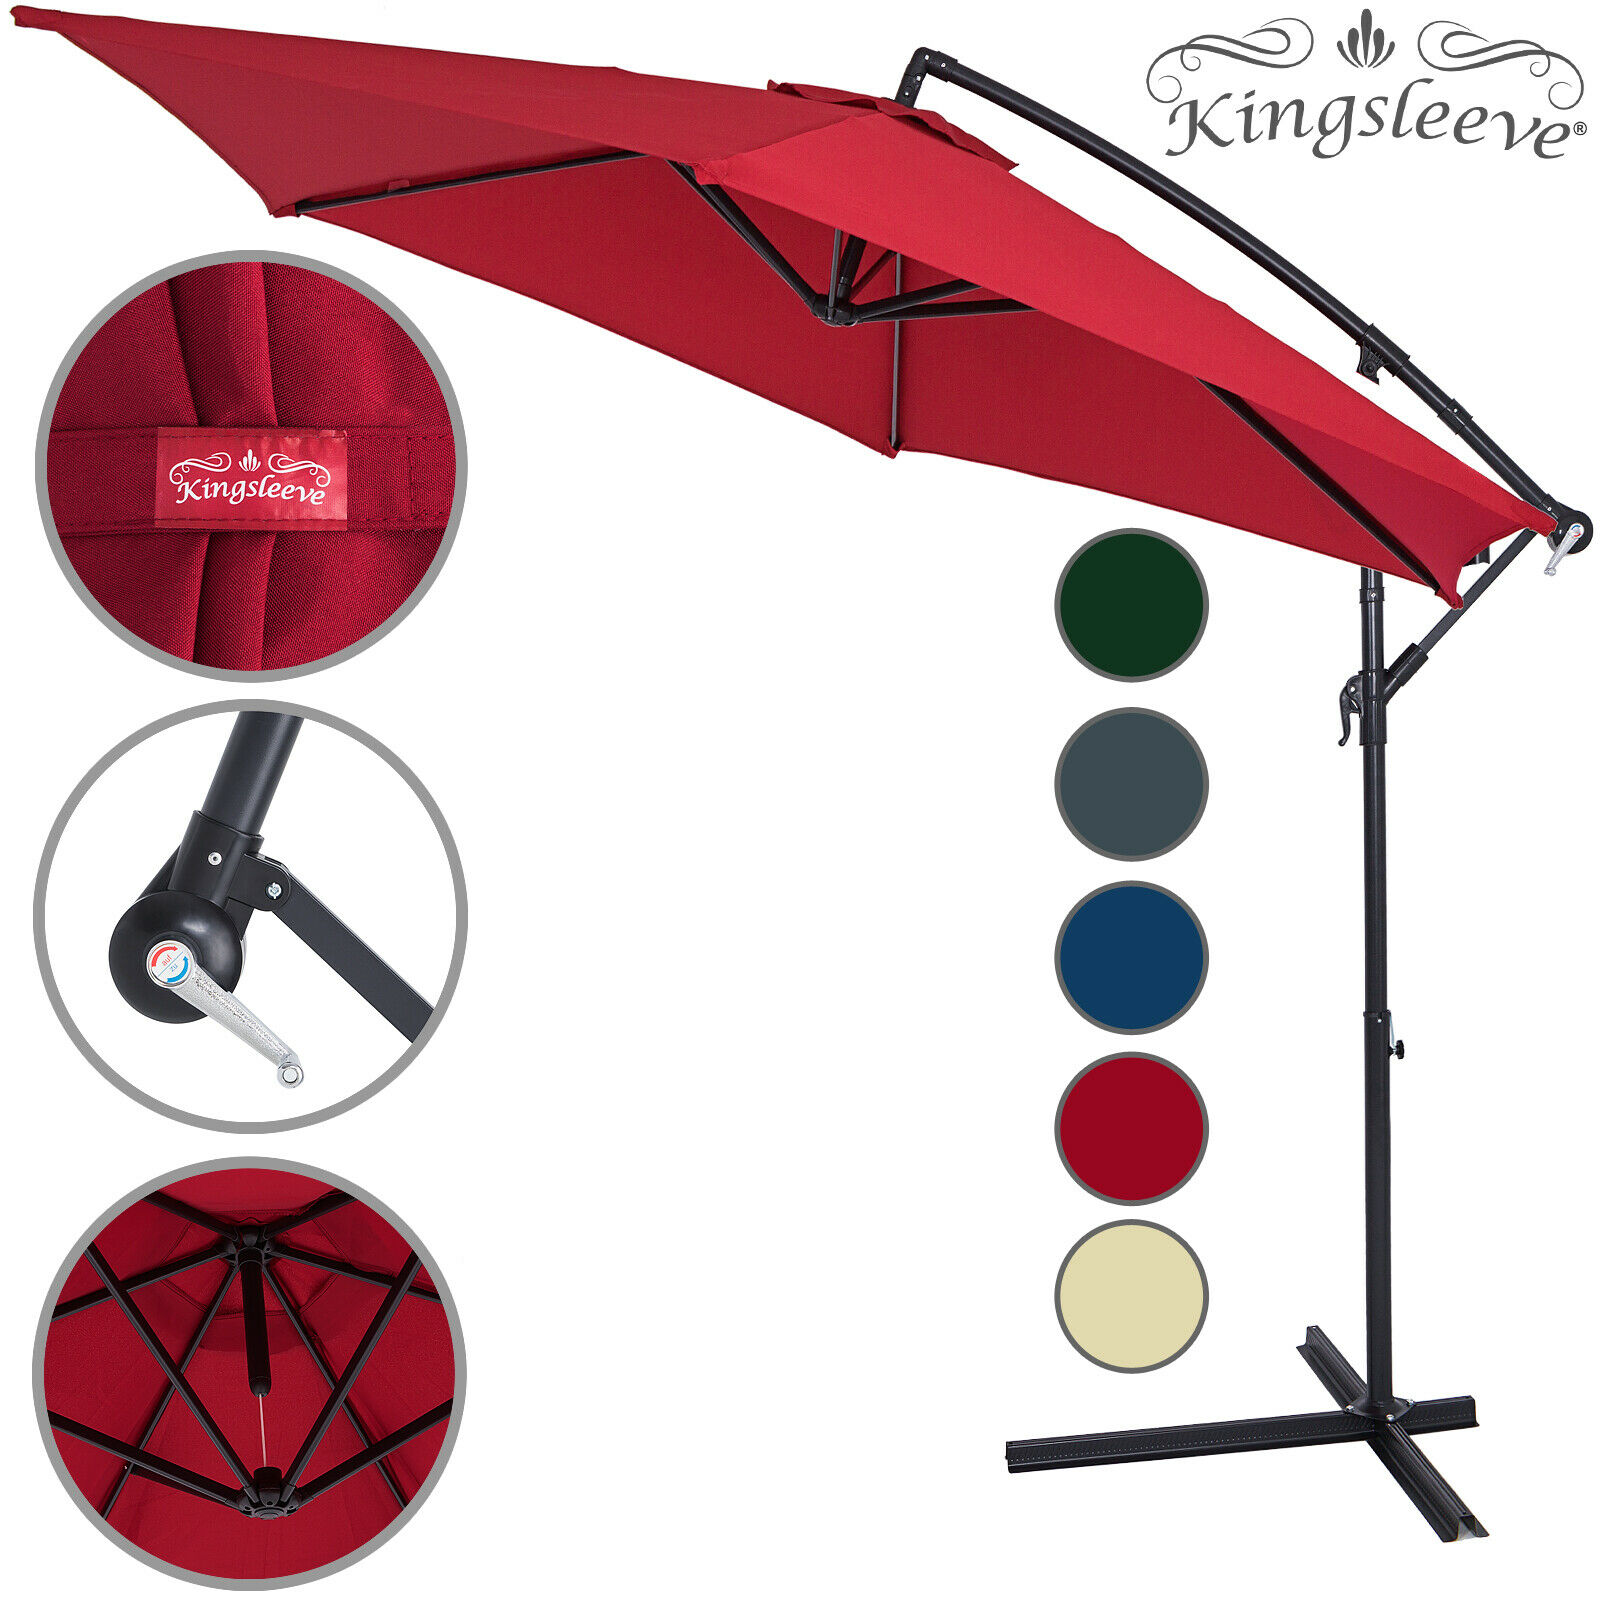 Garden Sun Parasol 3.3m Large Patio Umbrella Hanging Banana Shade Cantilever